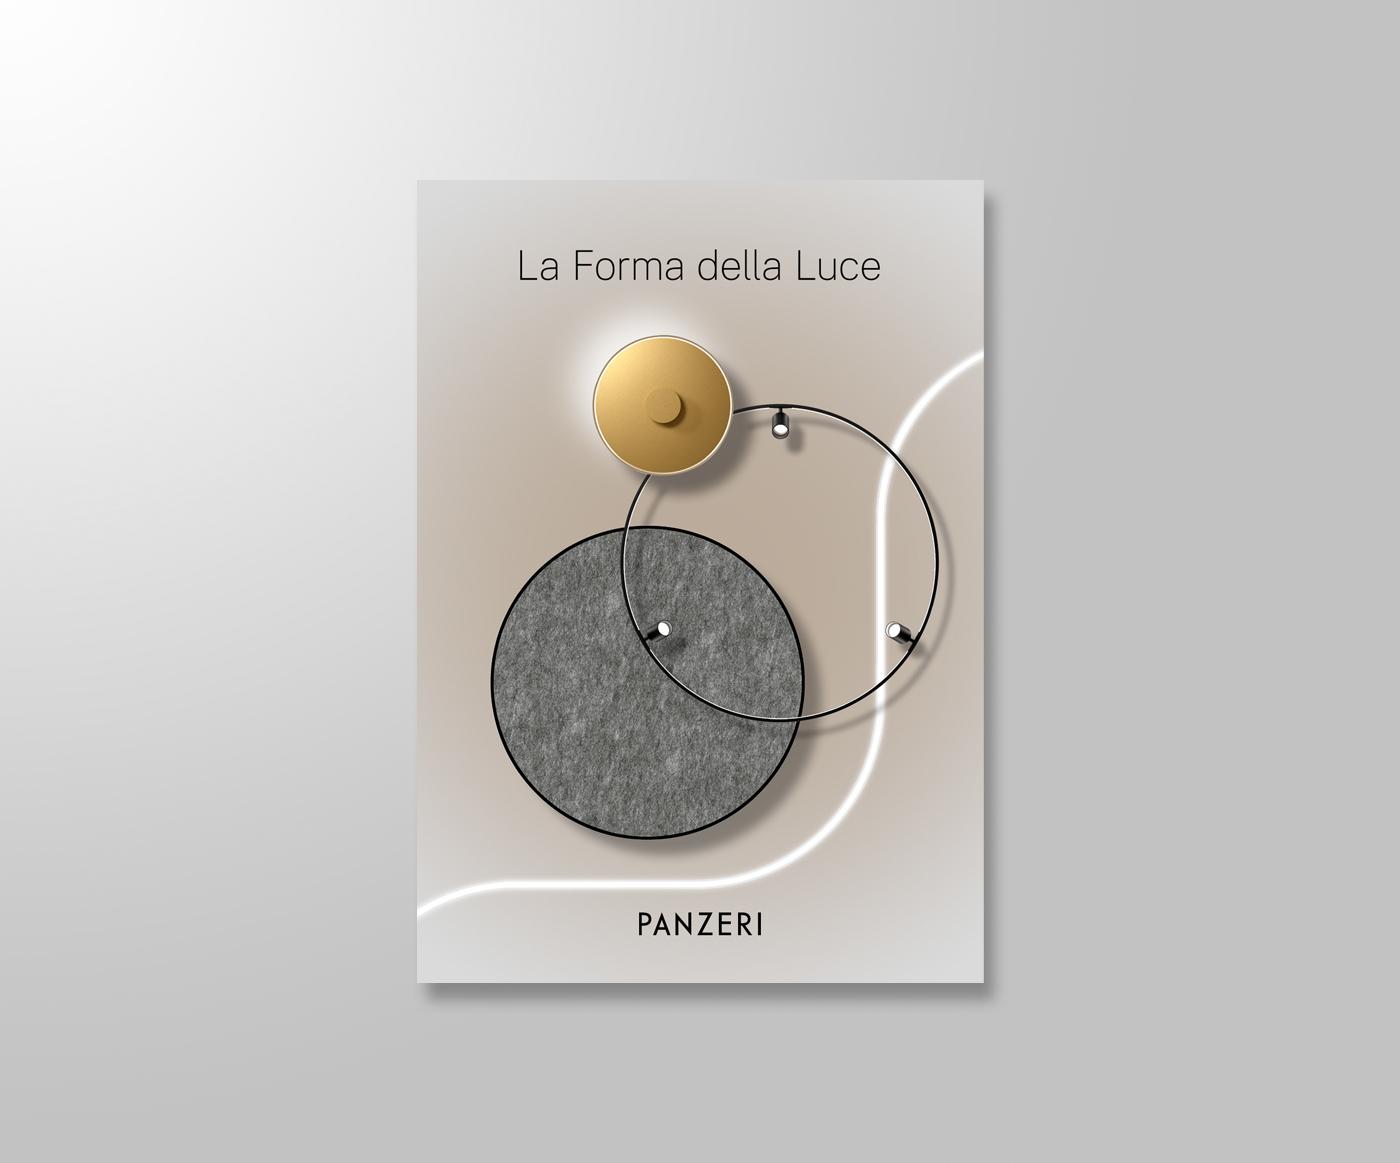 PANZERI - La Forma della Luce